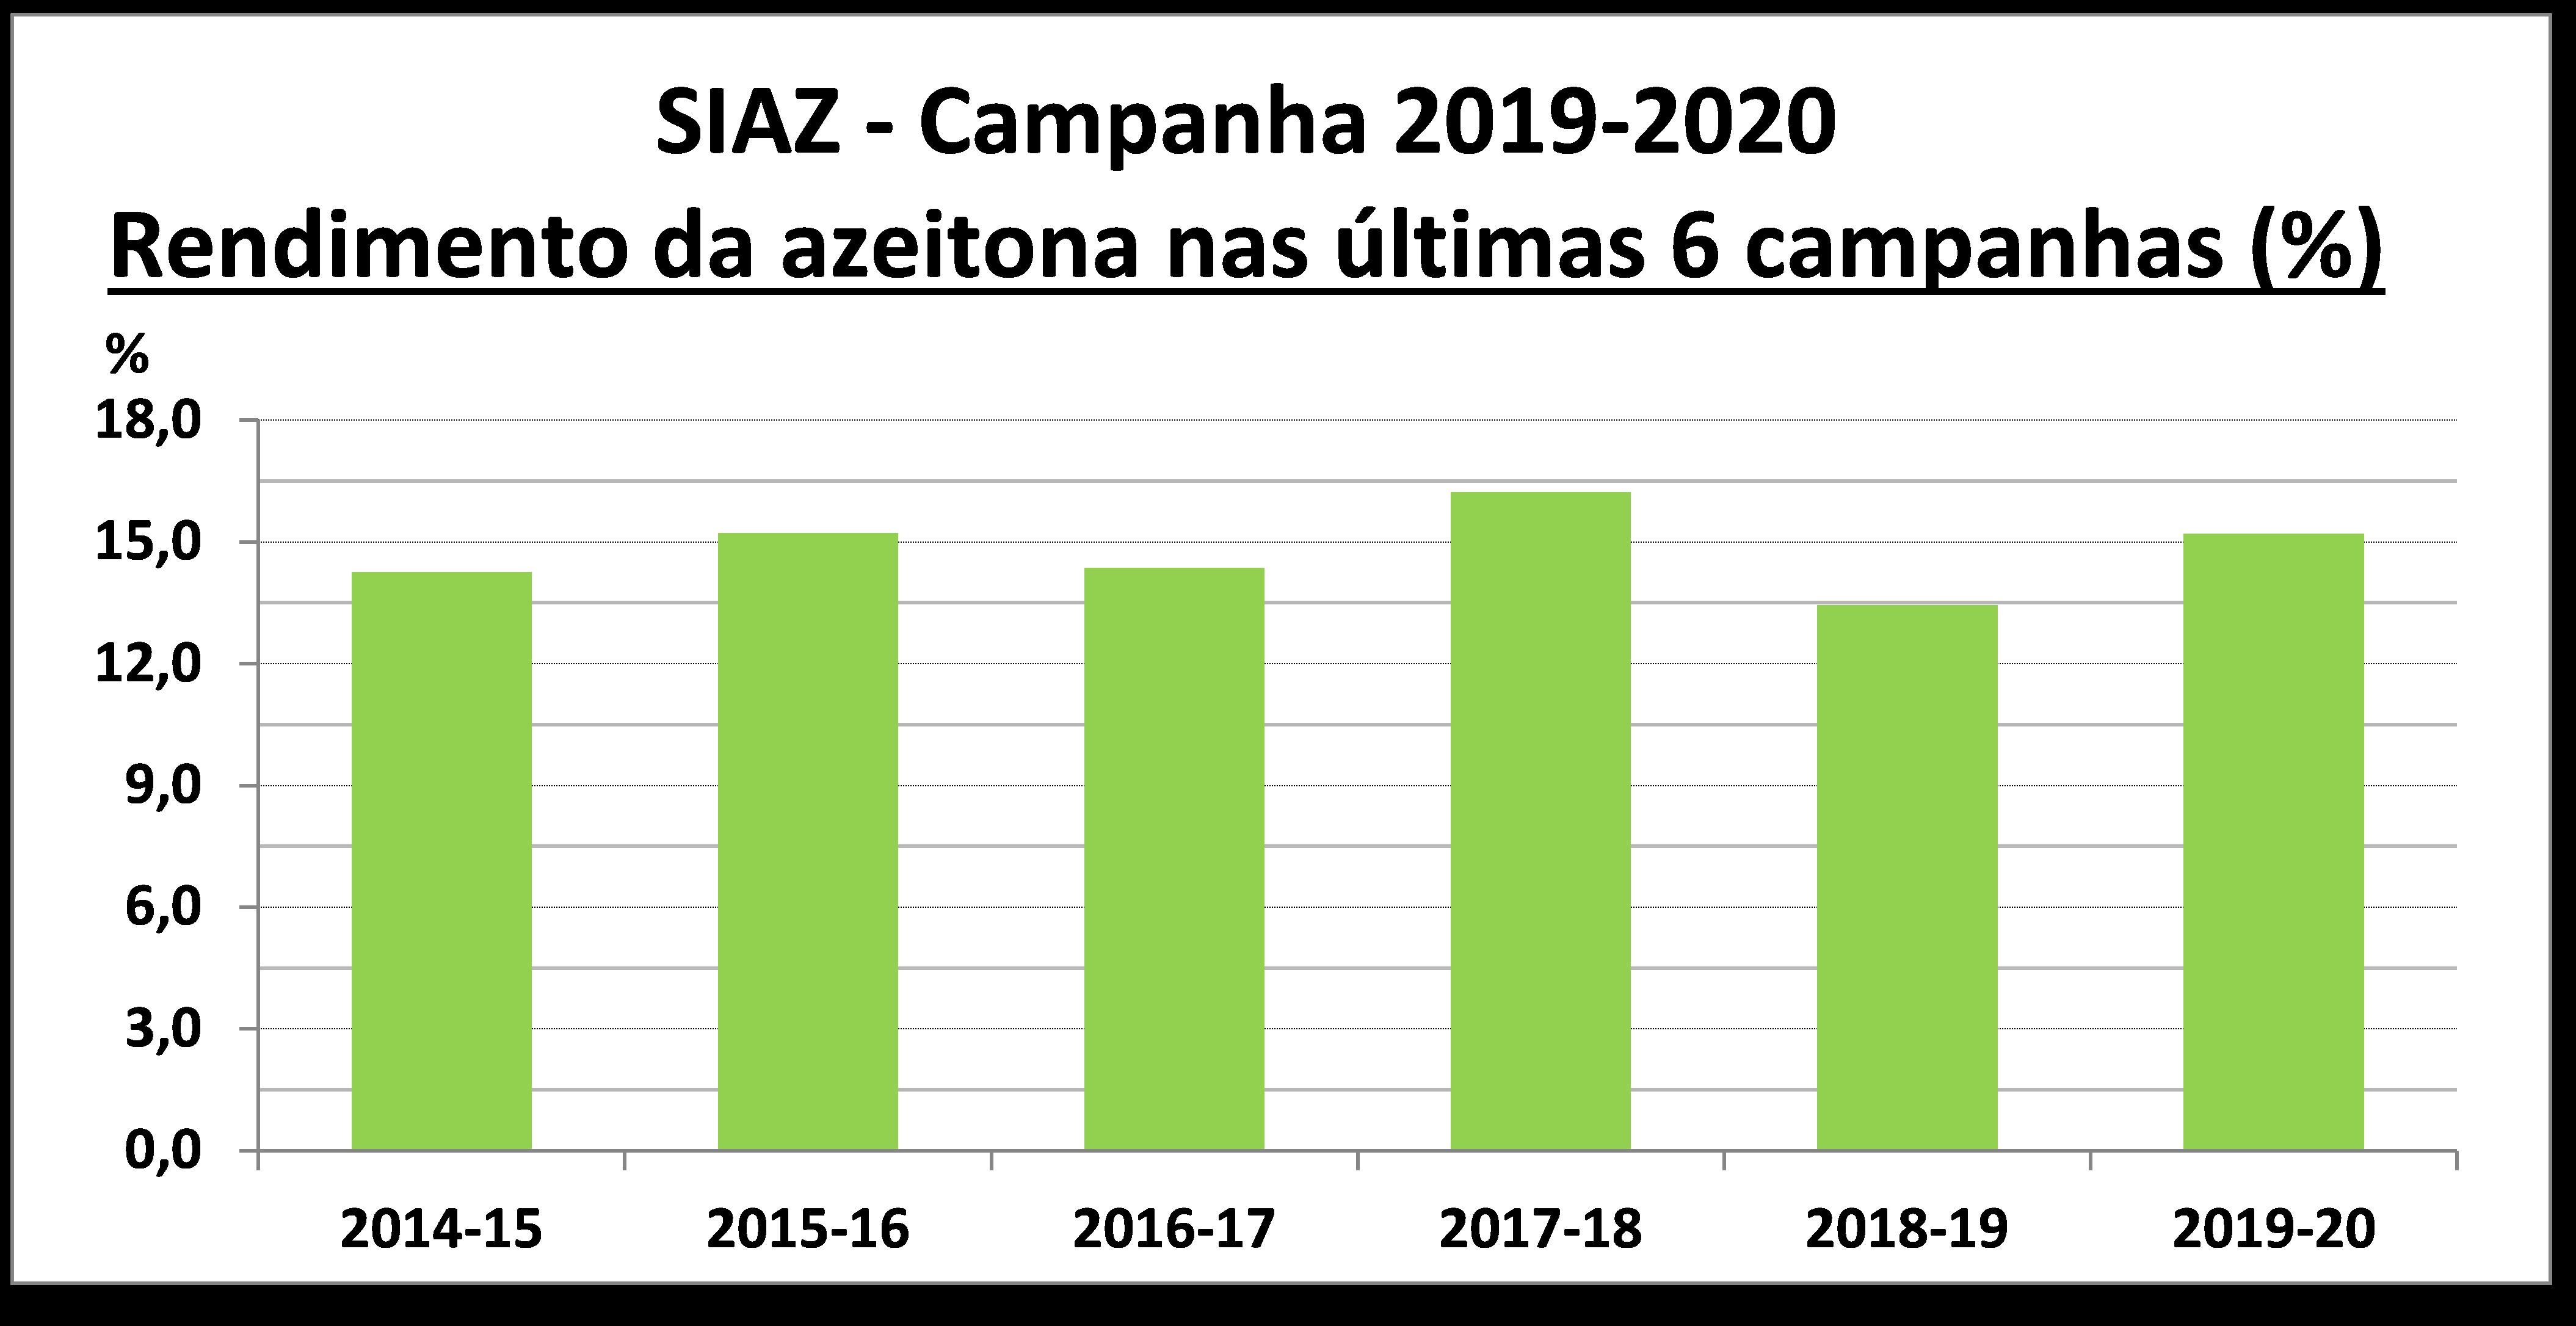 gráfico Rendimento da azeitona nas últimas 6 campanhas